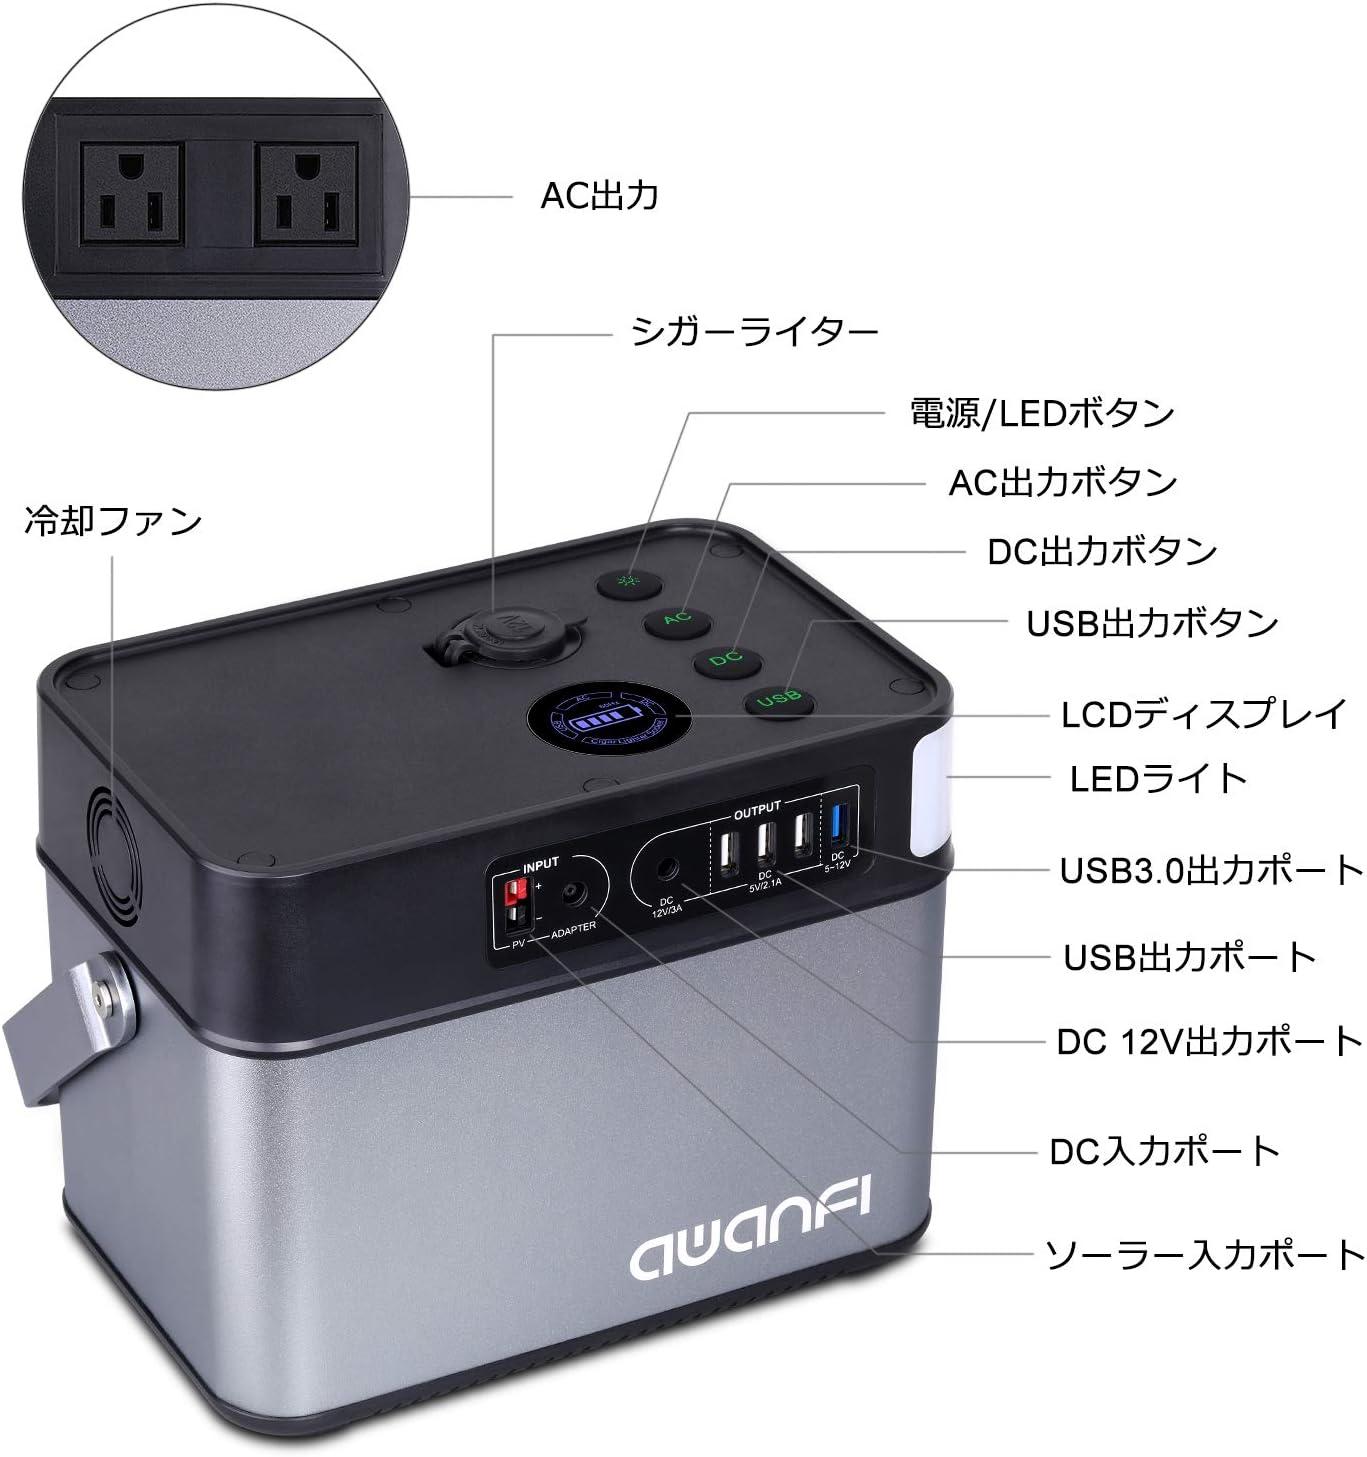 AWANFI 505Wh AC出力500W ポータブル電源